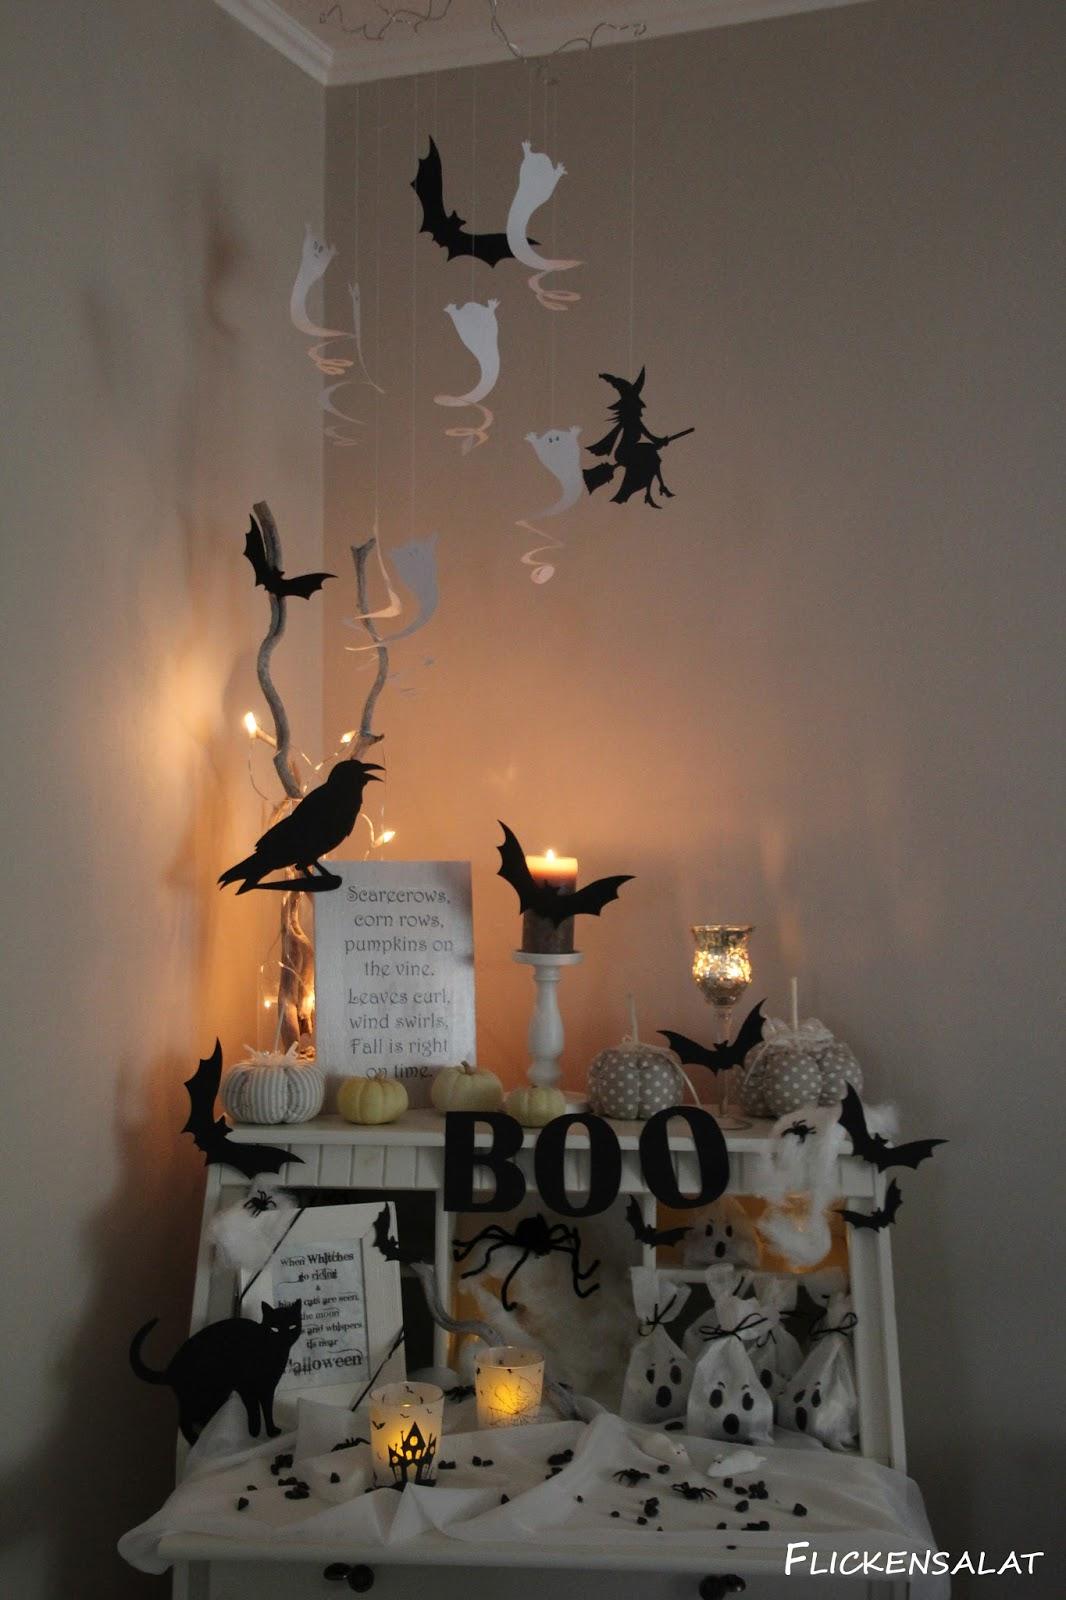 Ein Halloween Spruch Fand Noch Platz In Einem Alten Bilderrahmen. Durch Die  Warme Luft Der Kerze Bewegen Sich Die Geisterspiralen Sehr Schön.